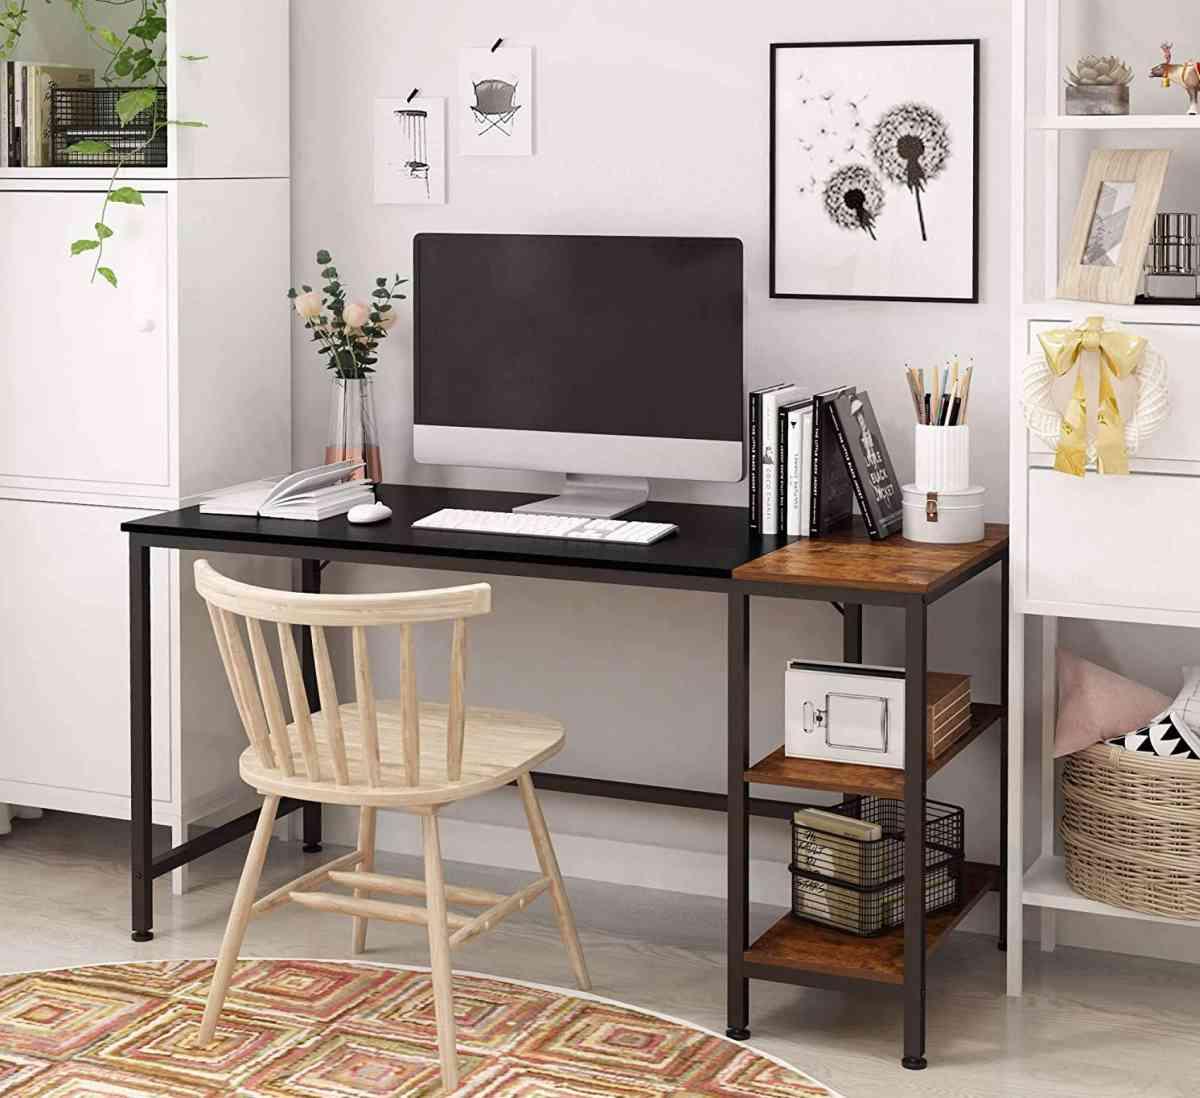 scrivania-pc-computer-legno-metallo-nero-prezzo-low-cost